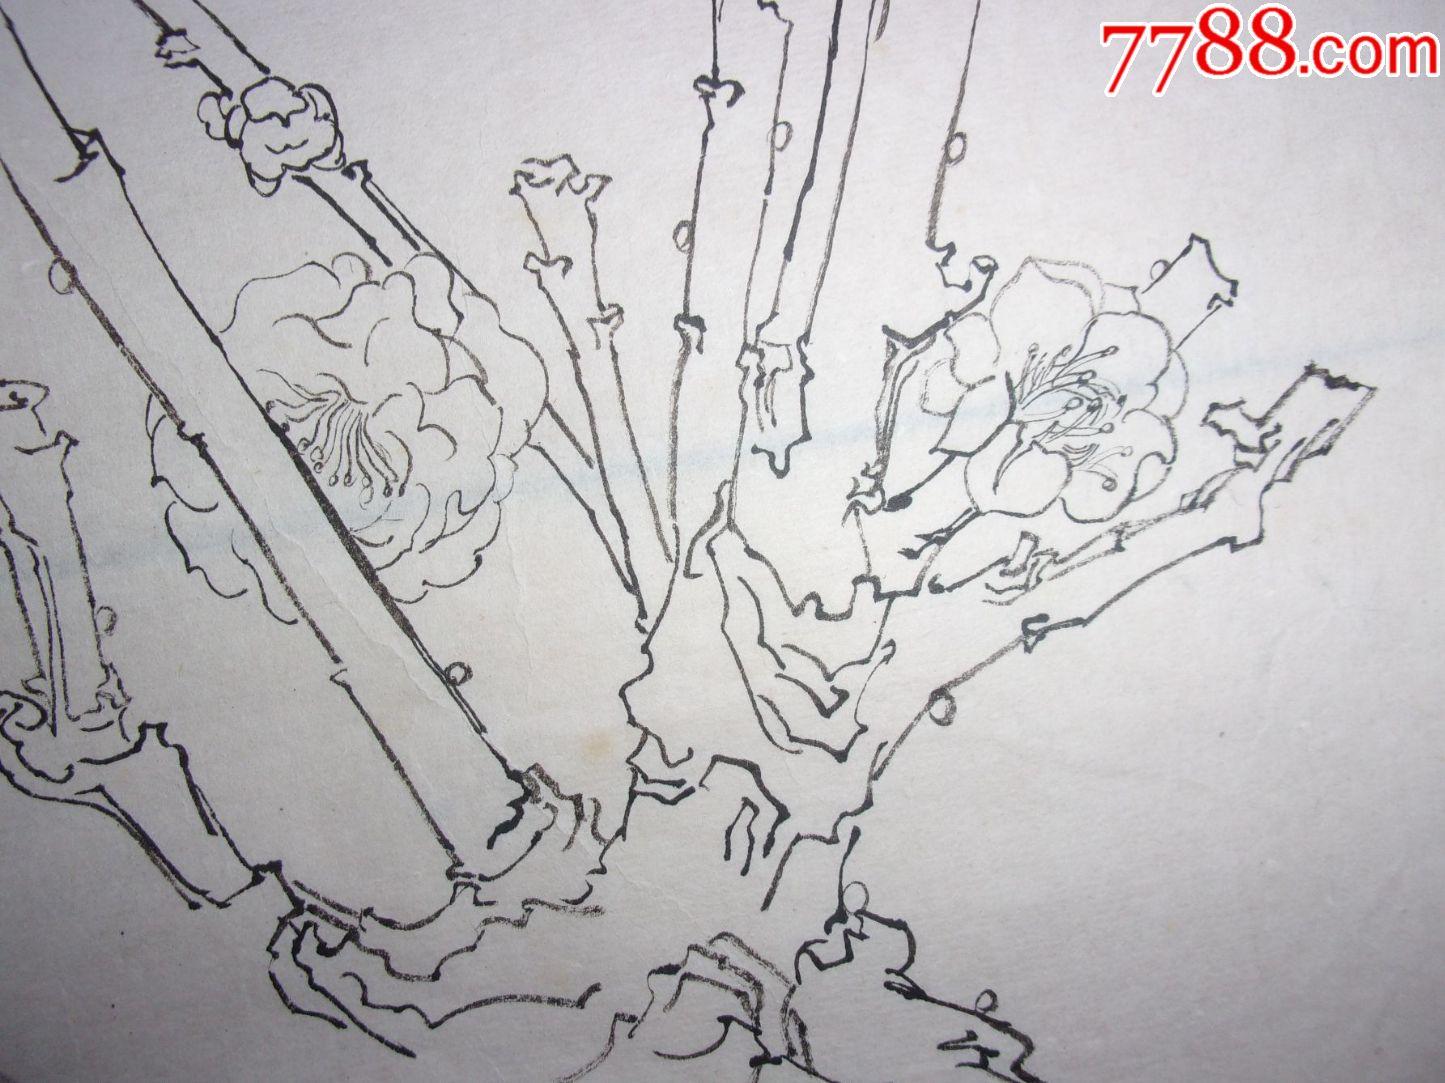 名家工笔白描花鸟画国画,陈俊荣是原潮州市工艺美术研究院院长